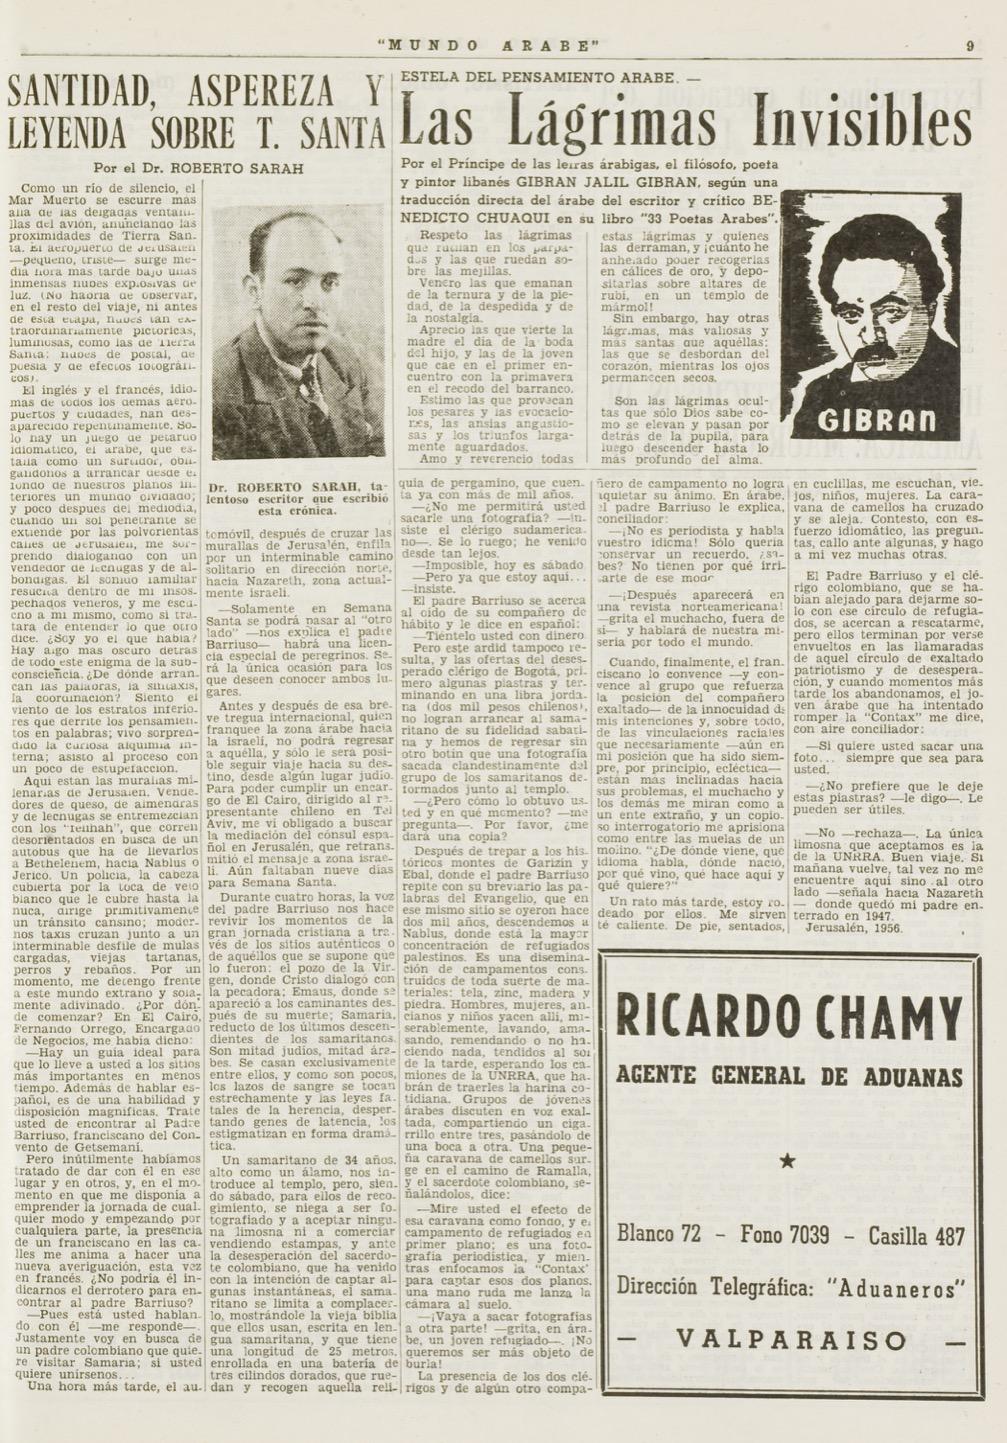 """Benedicto Chuaqui, """"Gibran Jalil Gibran: Las lagrimas invisibles"""", Mundo Árabe, Mar 29, 1957, p. 9."""